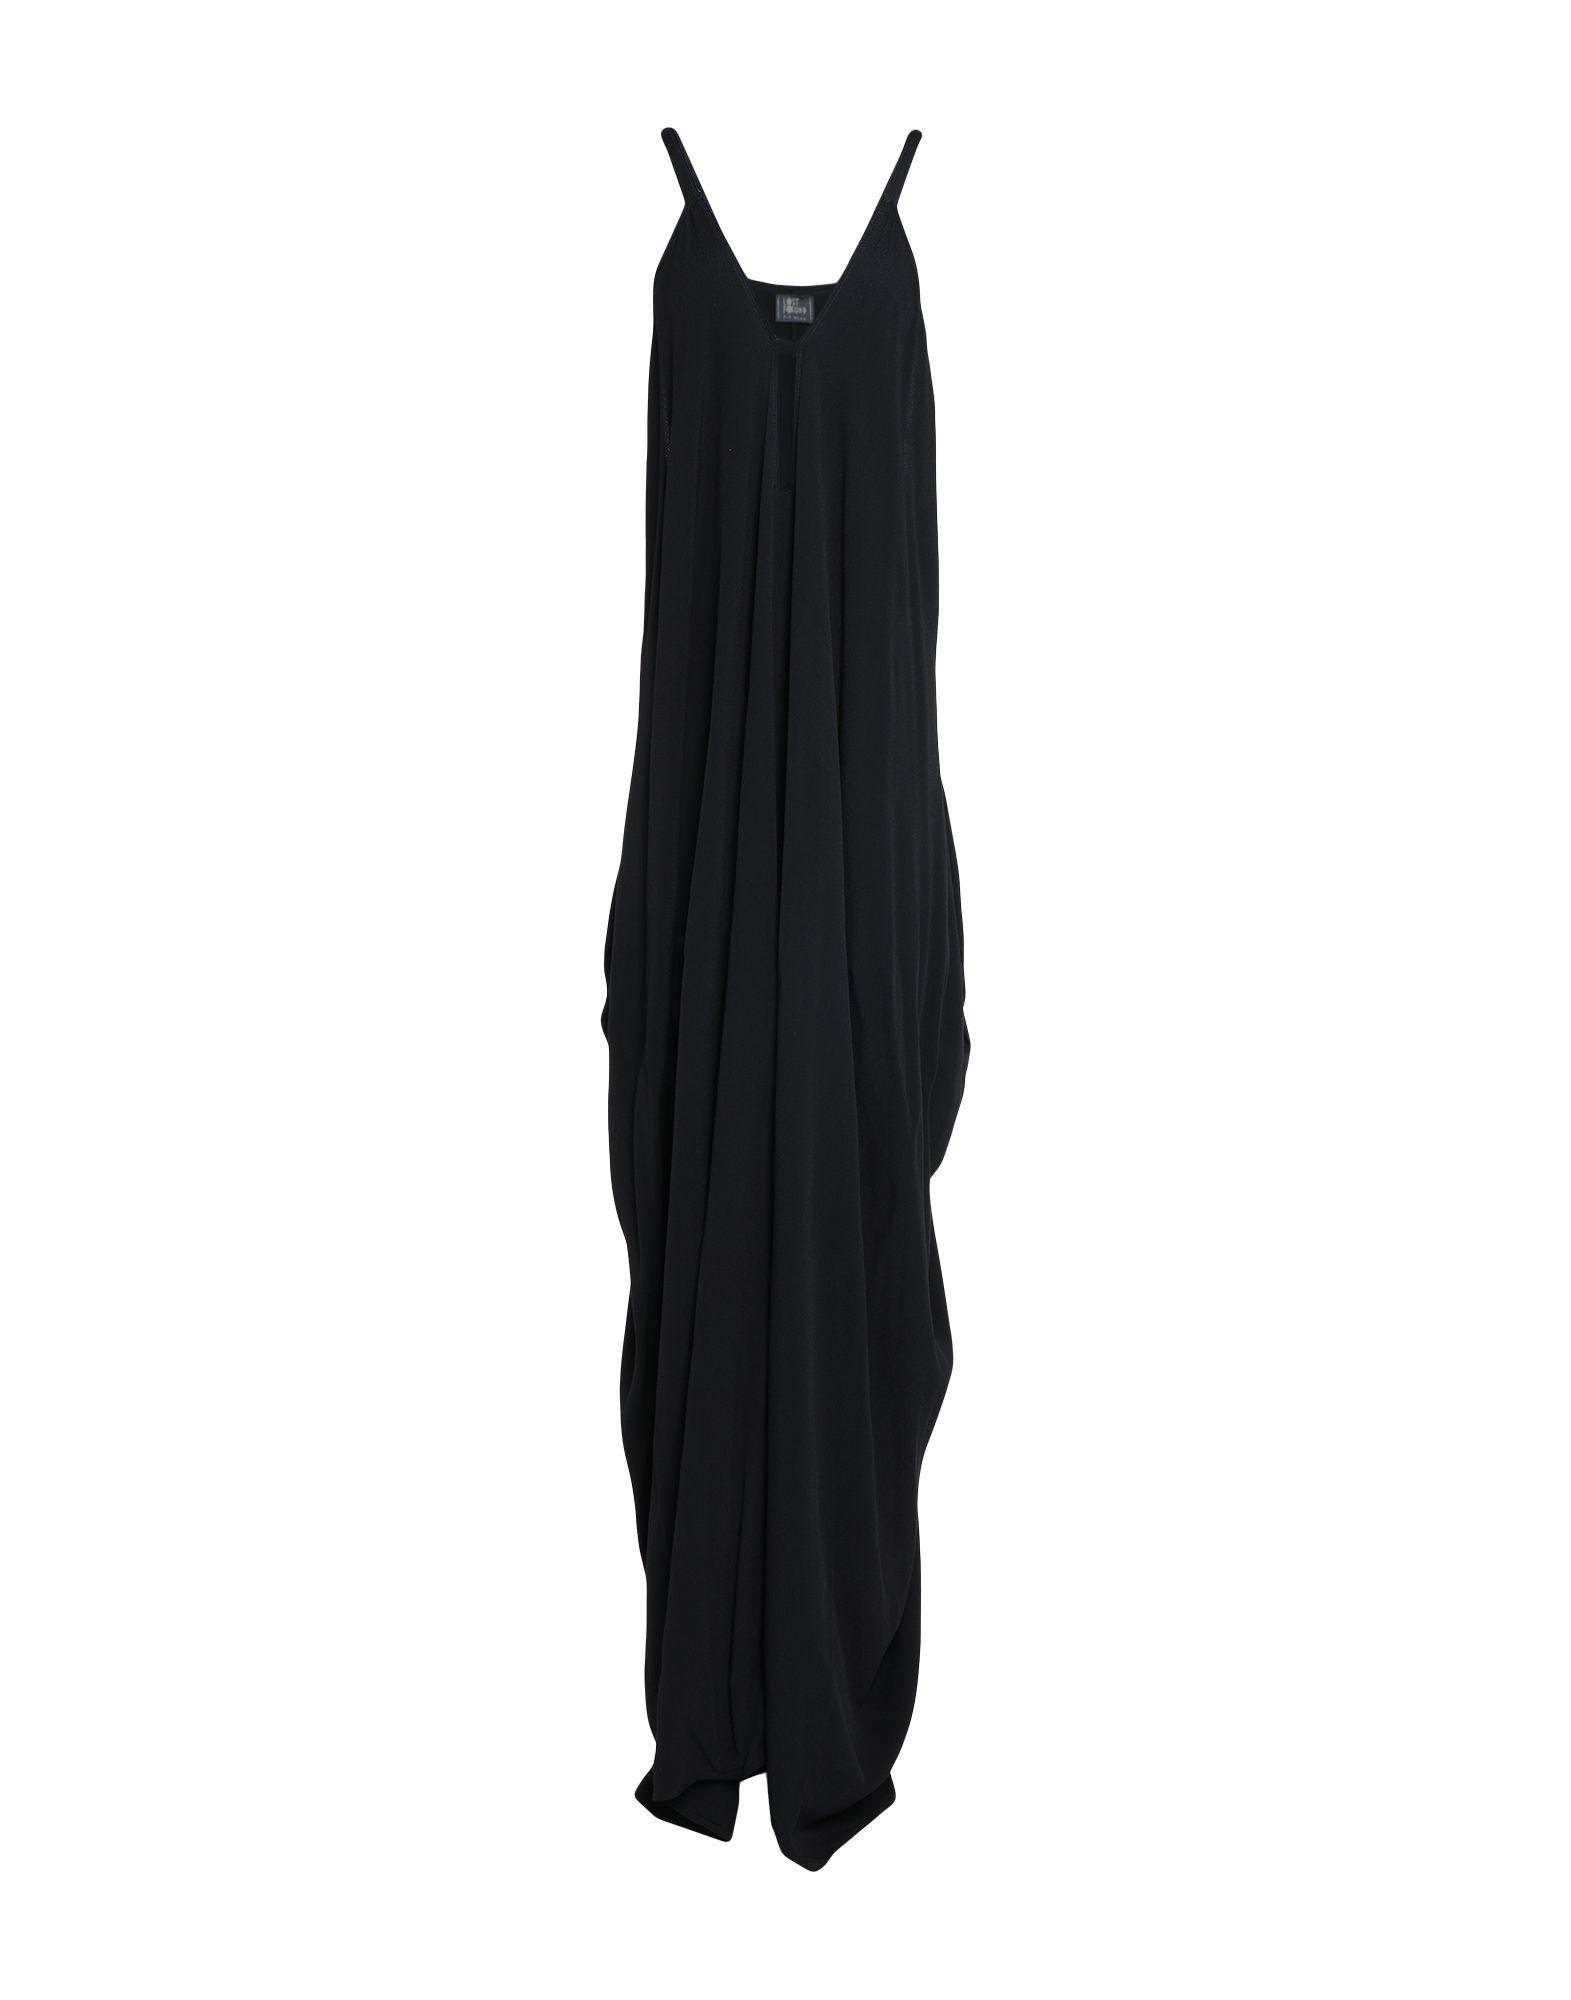 цена на LOST & FOUND Длинное платье